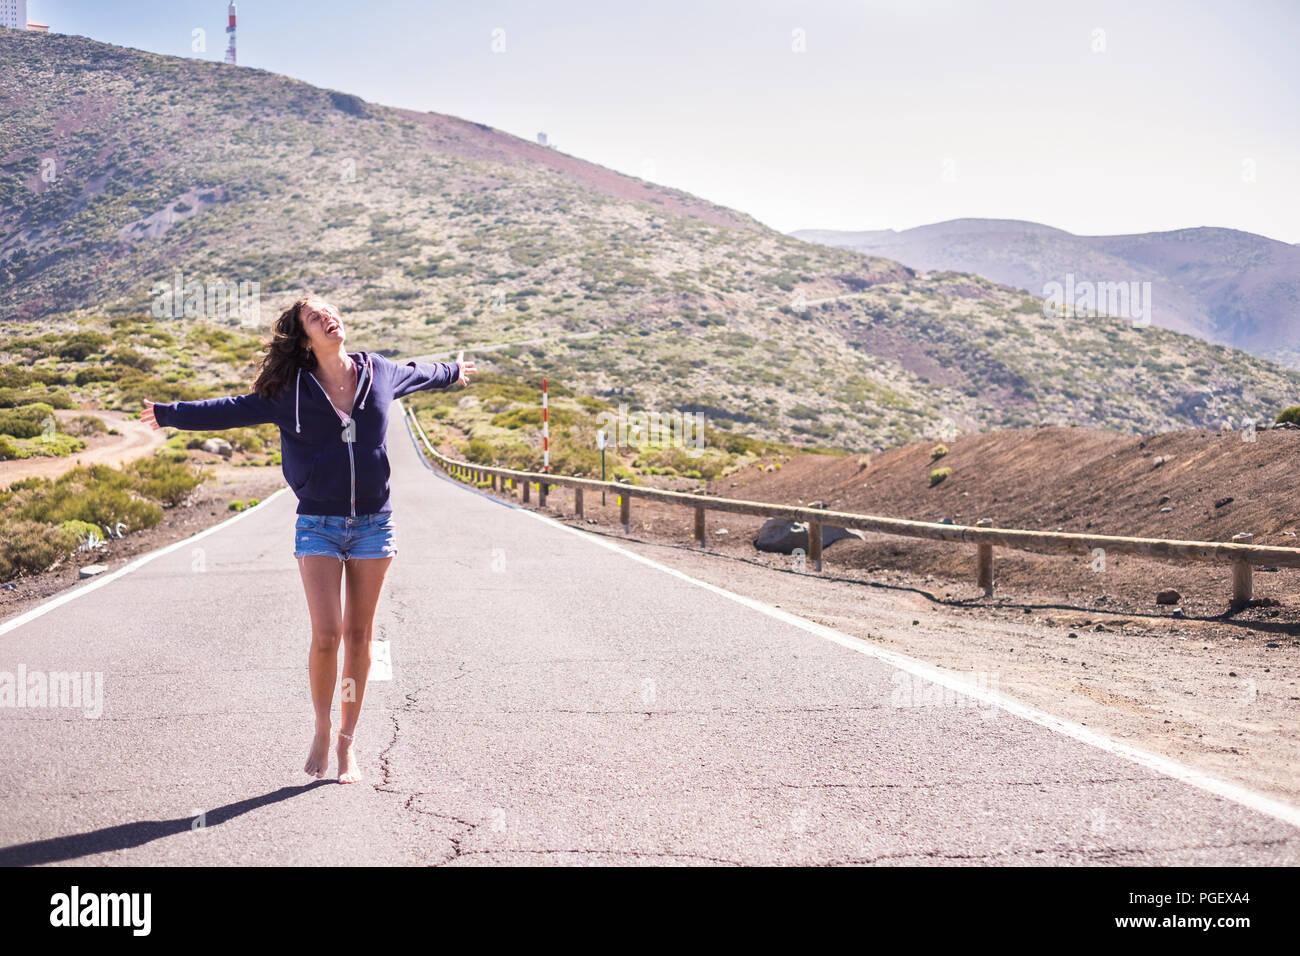 Bella giovane donna camminare a piedi nudi su una lunga strada di montagna. felicità e gioiosa del concetto di modello caucasico con belle gambe e pantaloncini. Immagini Stock